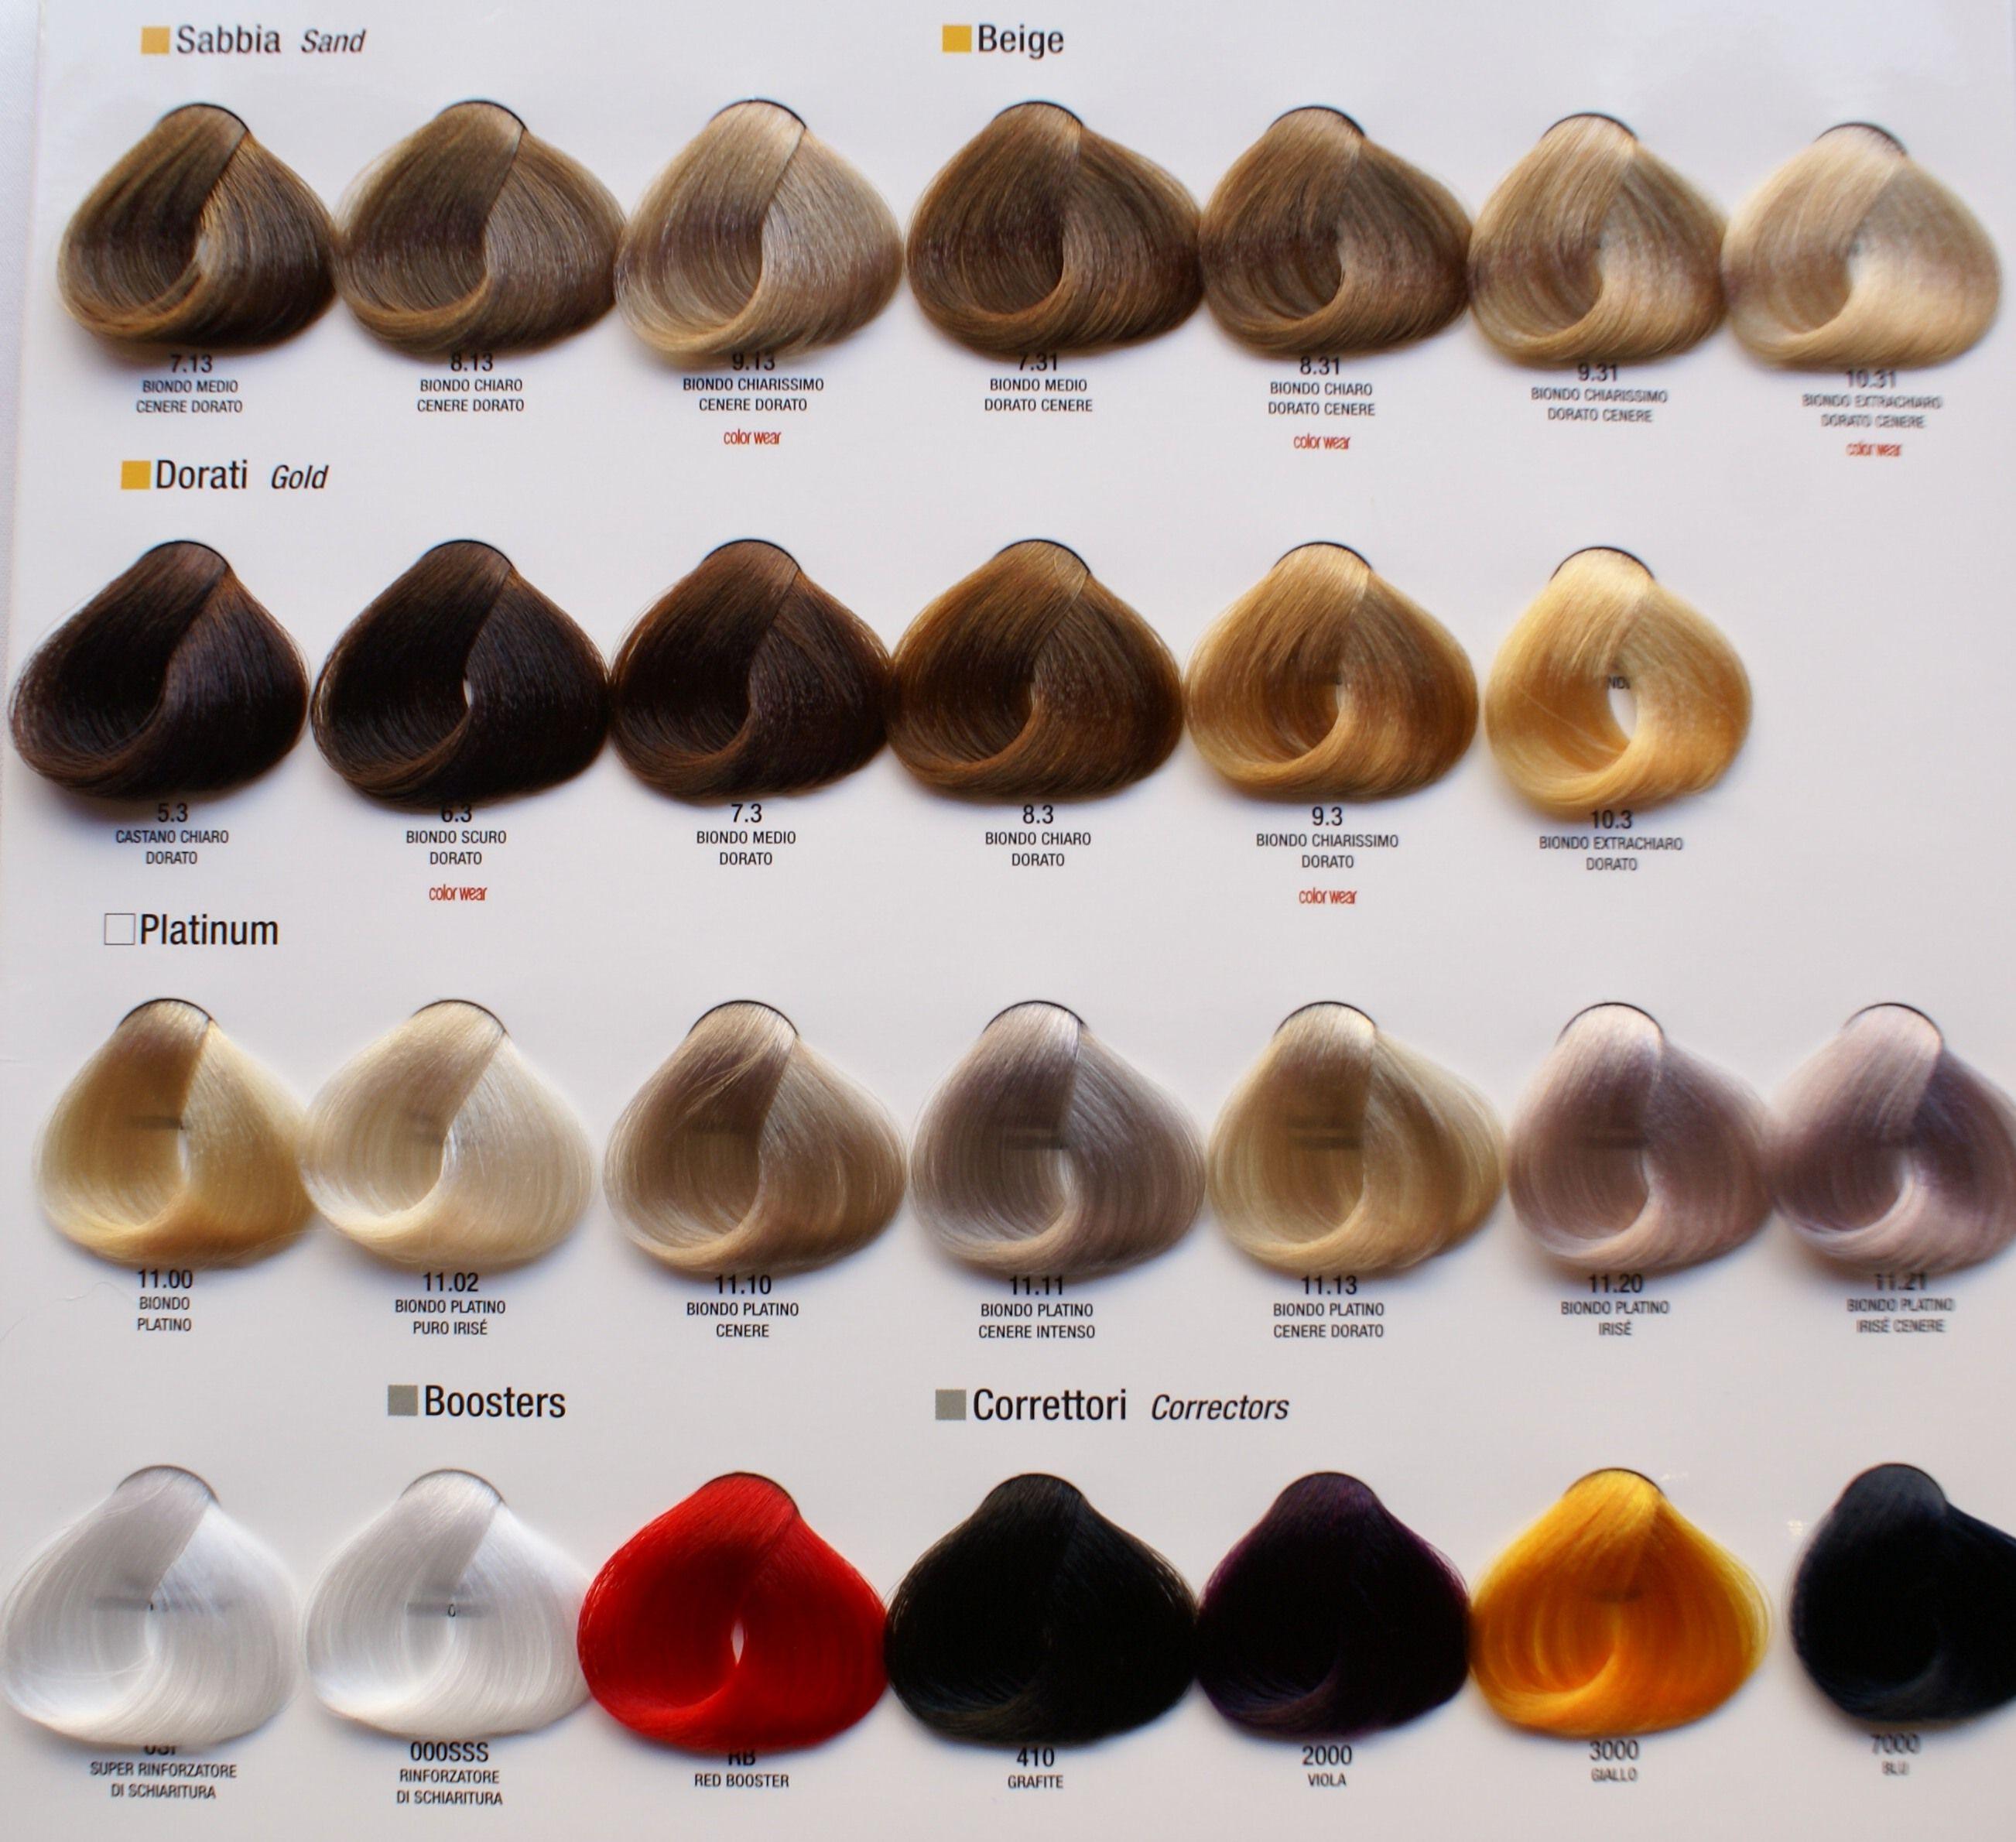 Tabela De Cores Alfaparf Milano Evolution Of The Color Tabela De